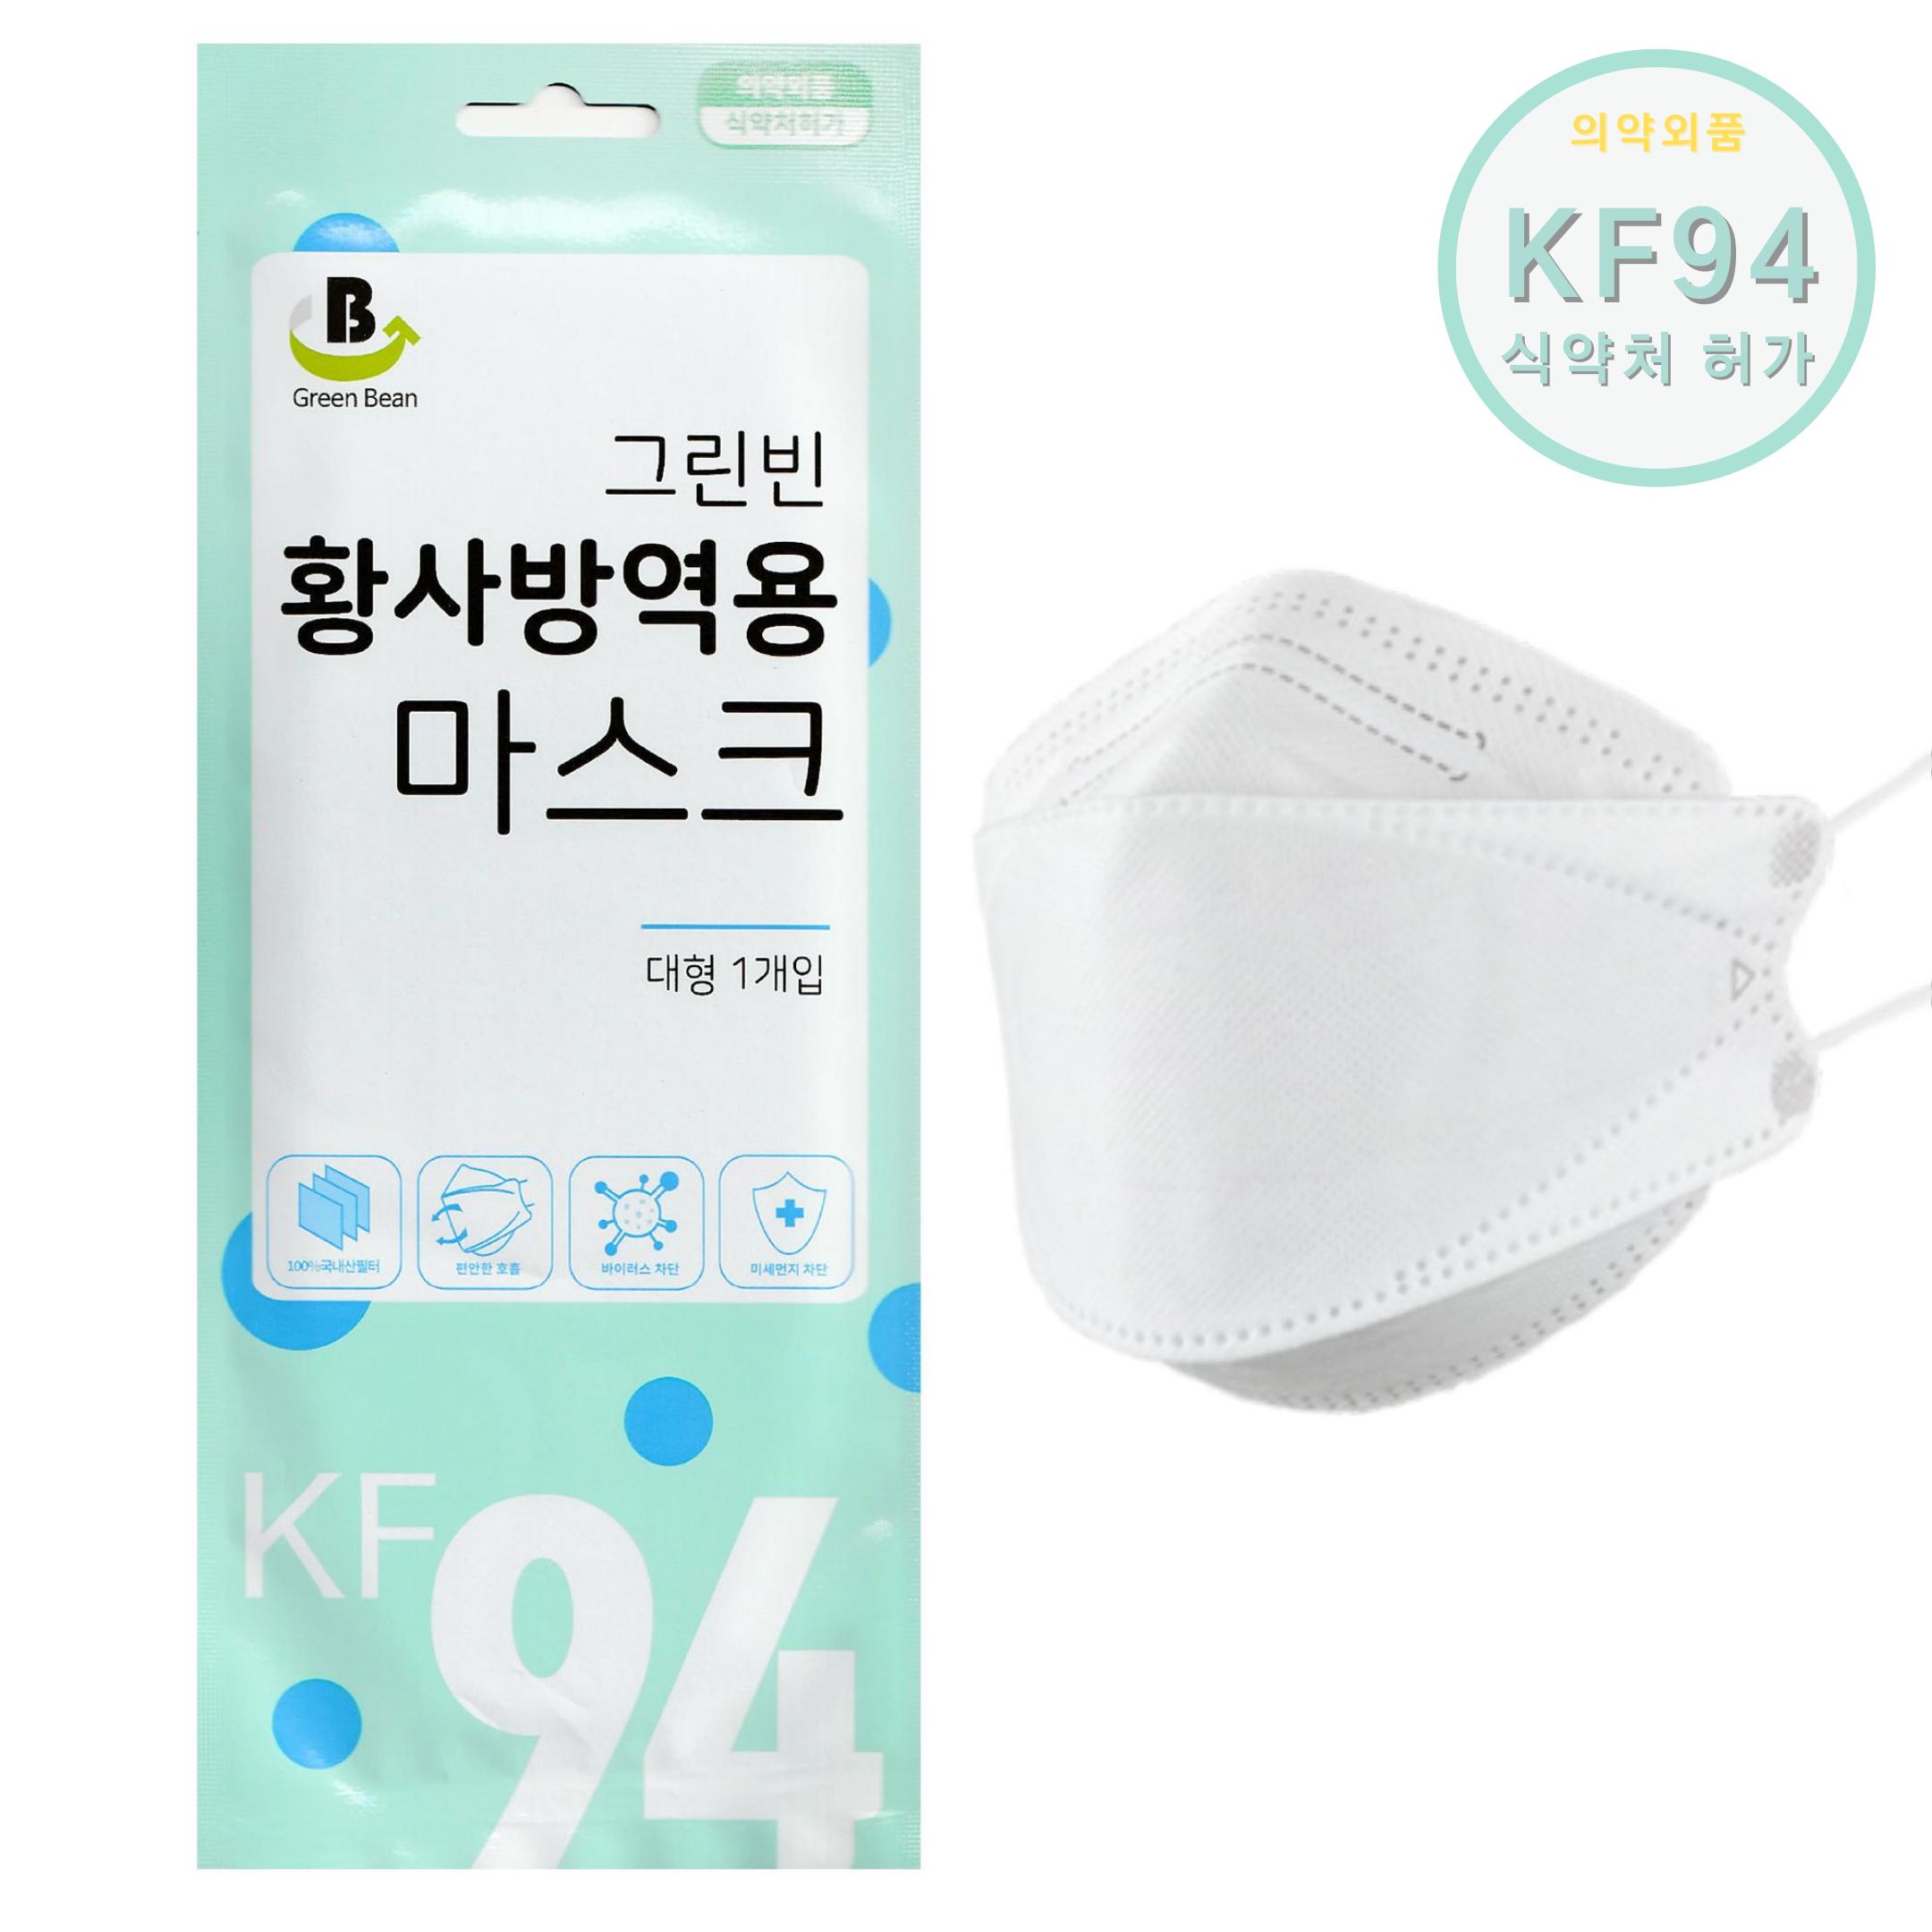 그린빈 개별포장 KF94 마스크 대형, 50매입, 1박스